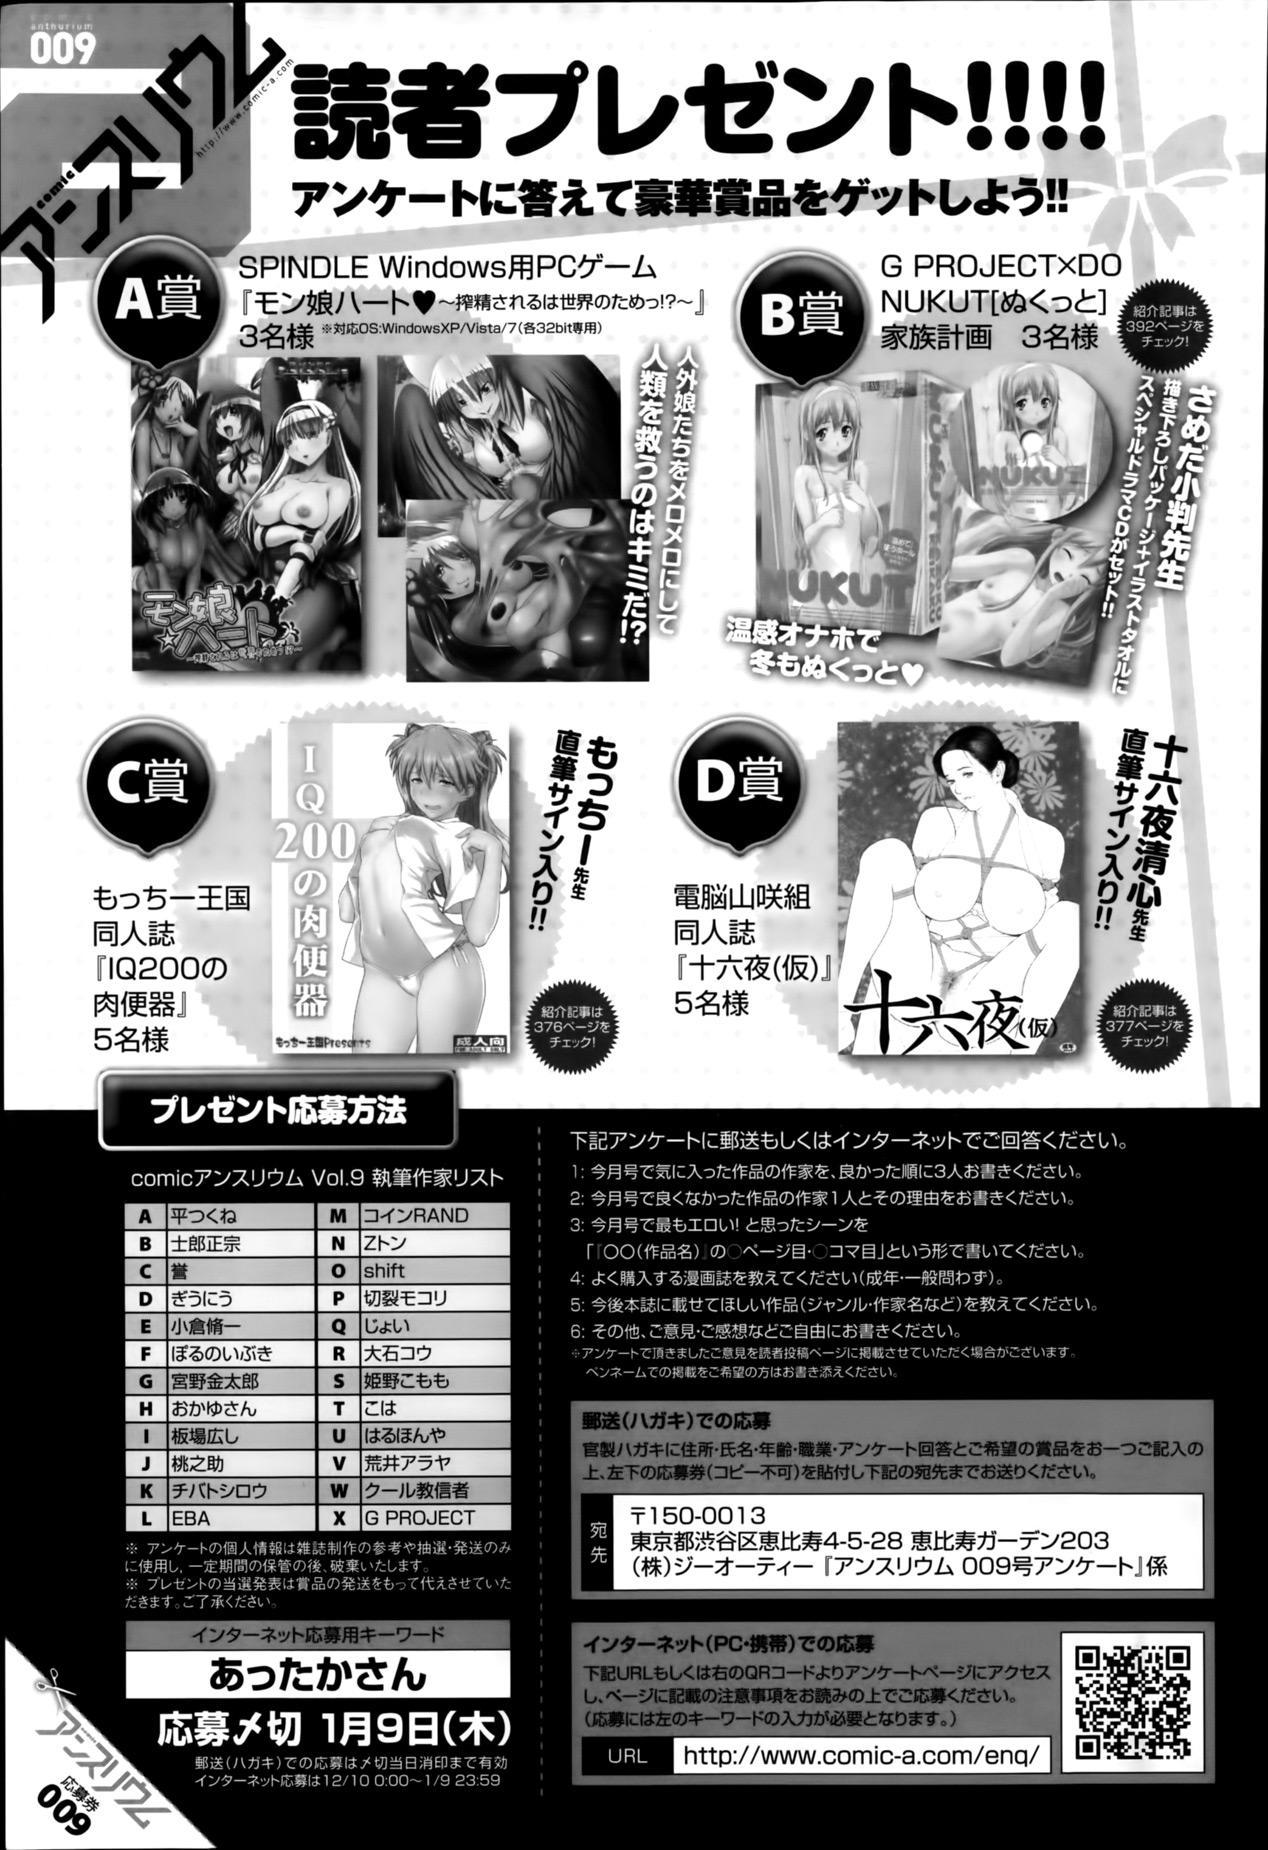 Comic Anthurium 009 2014-01 387